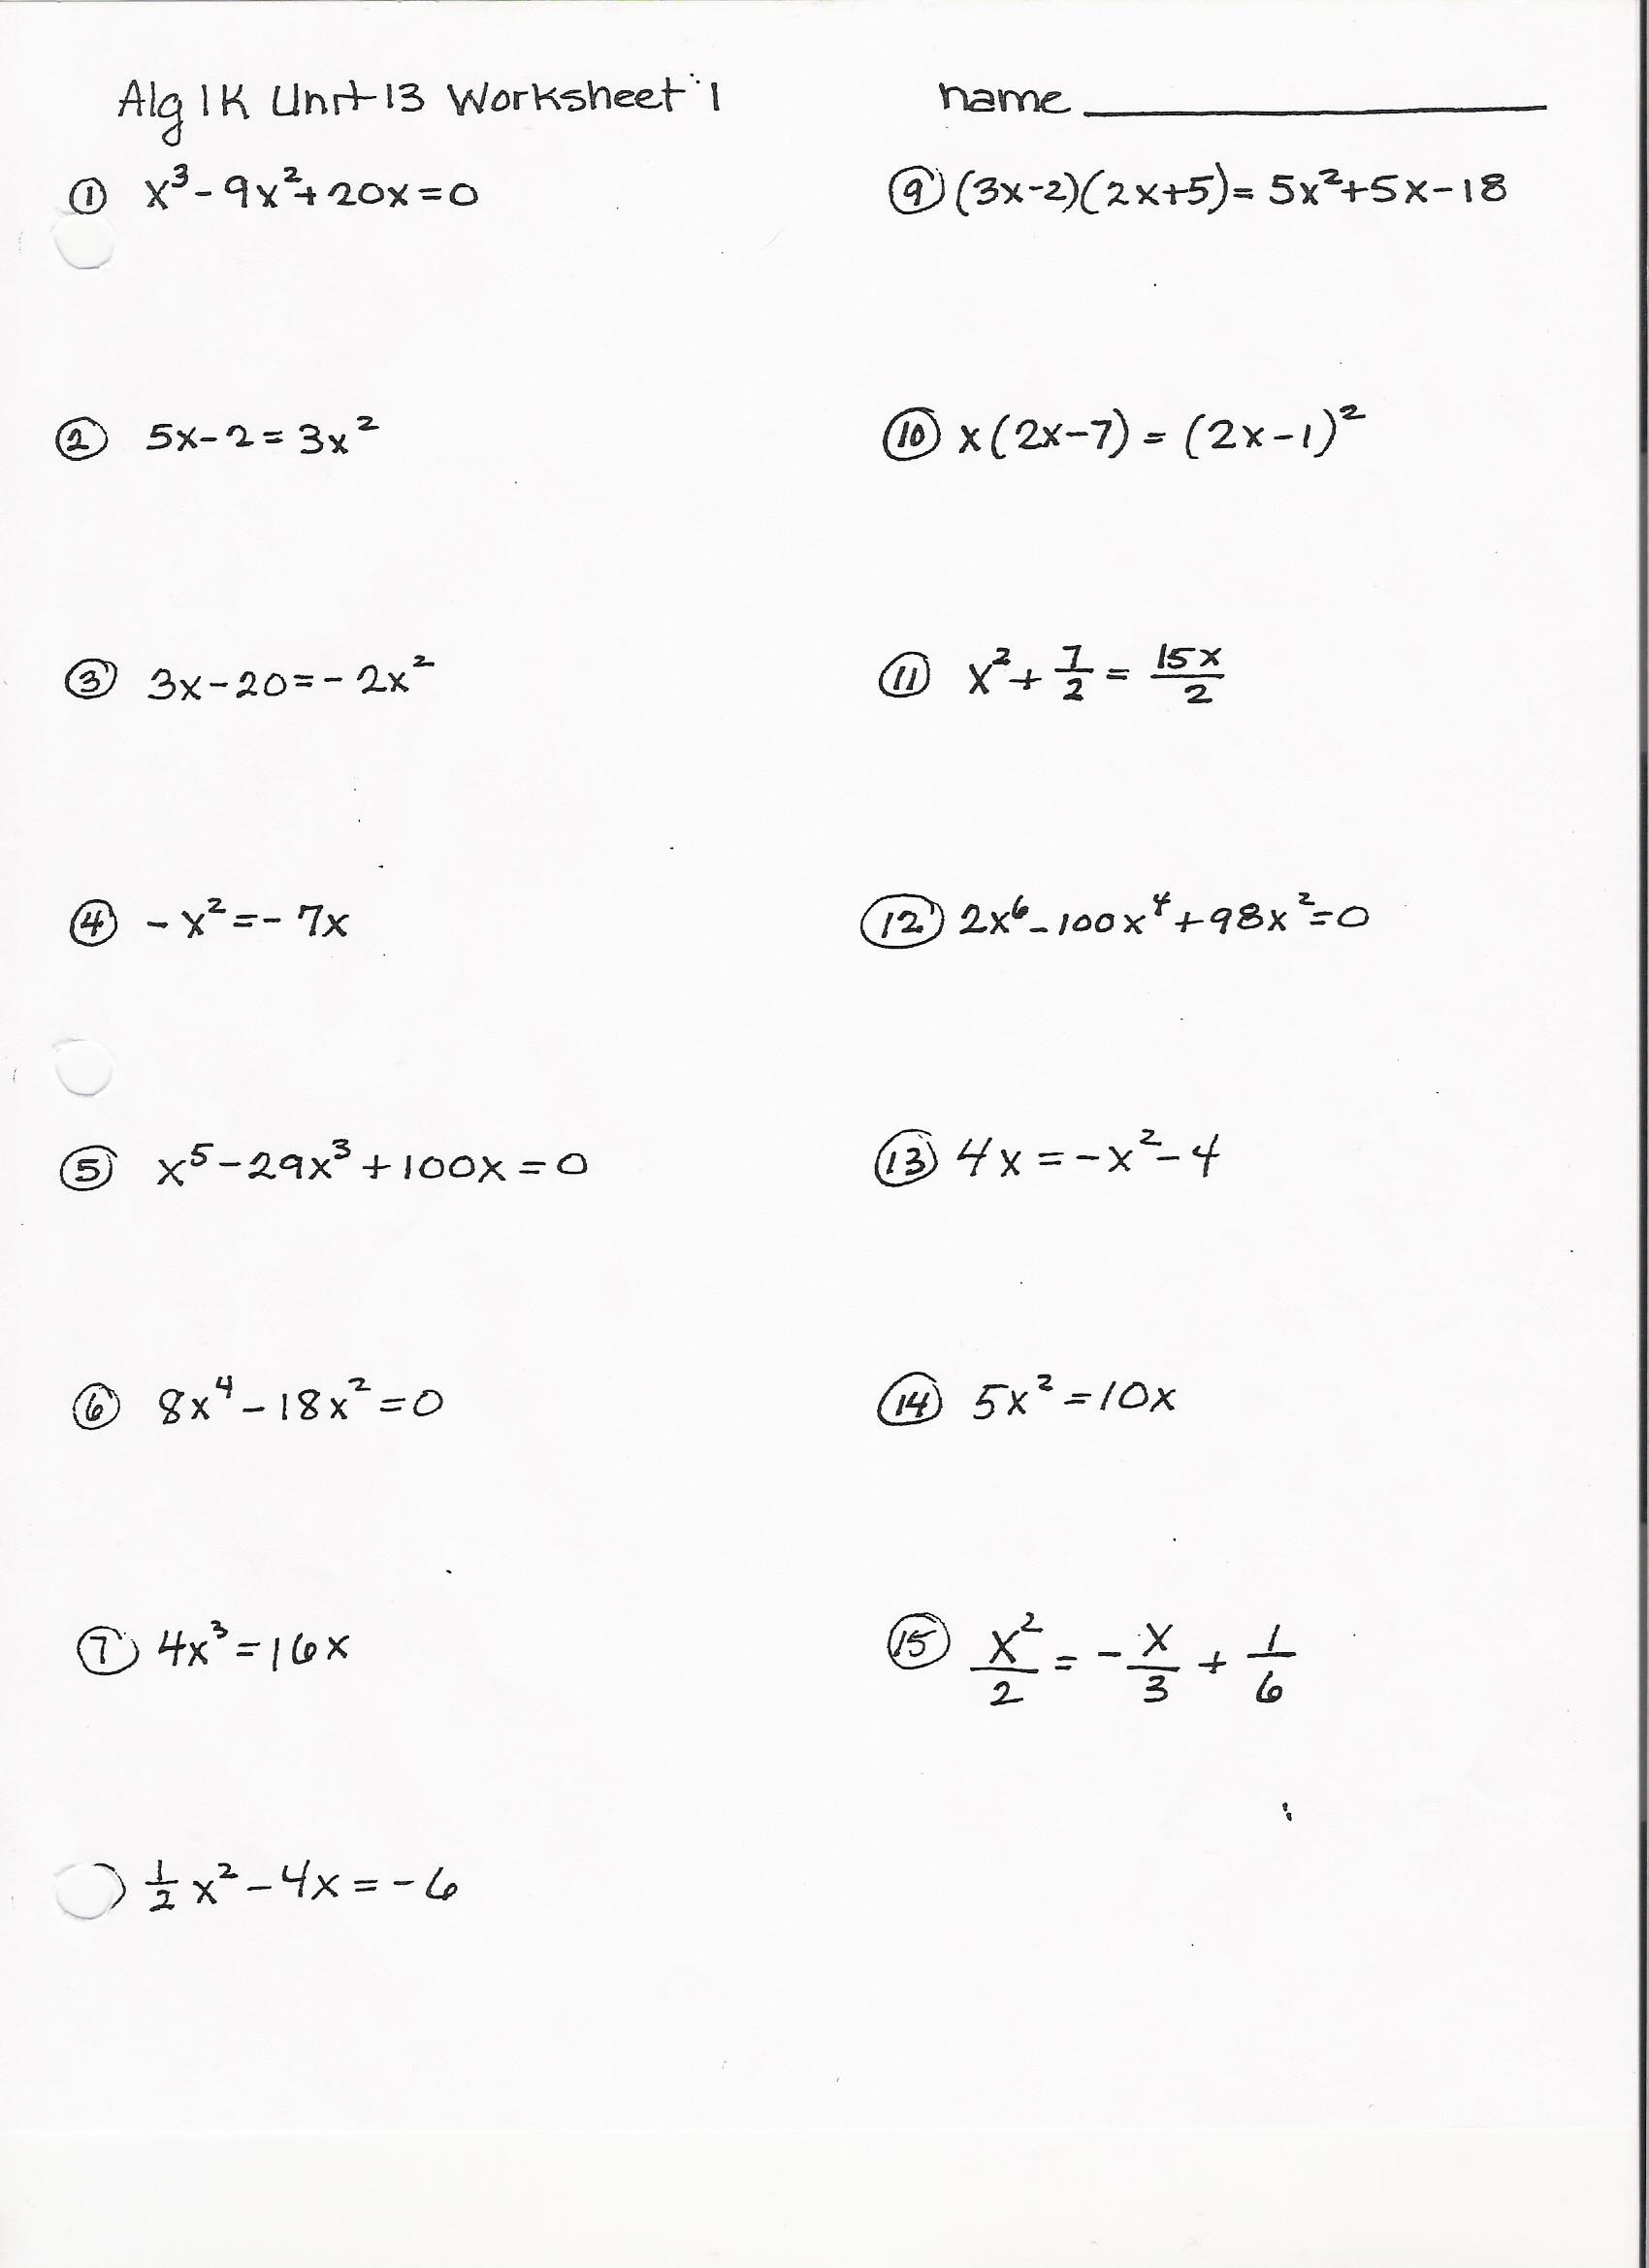 Algebra 2 Review Worksheet 34 Algebra 2 Factoring Worksheet Worksheet Resource Plans